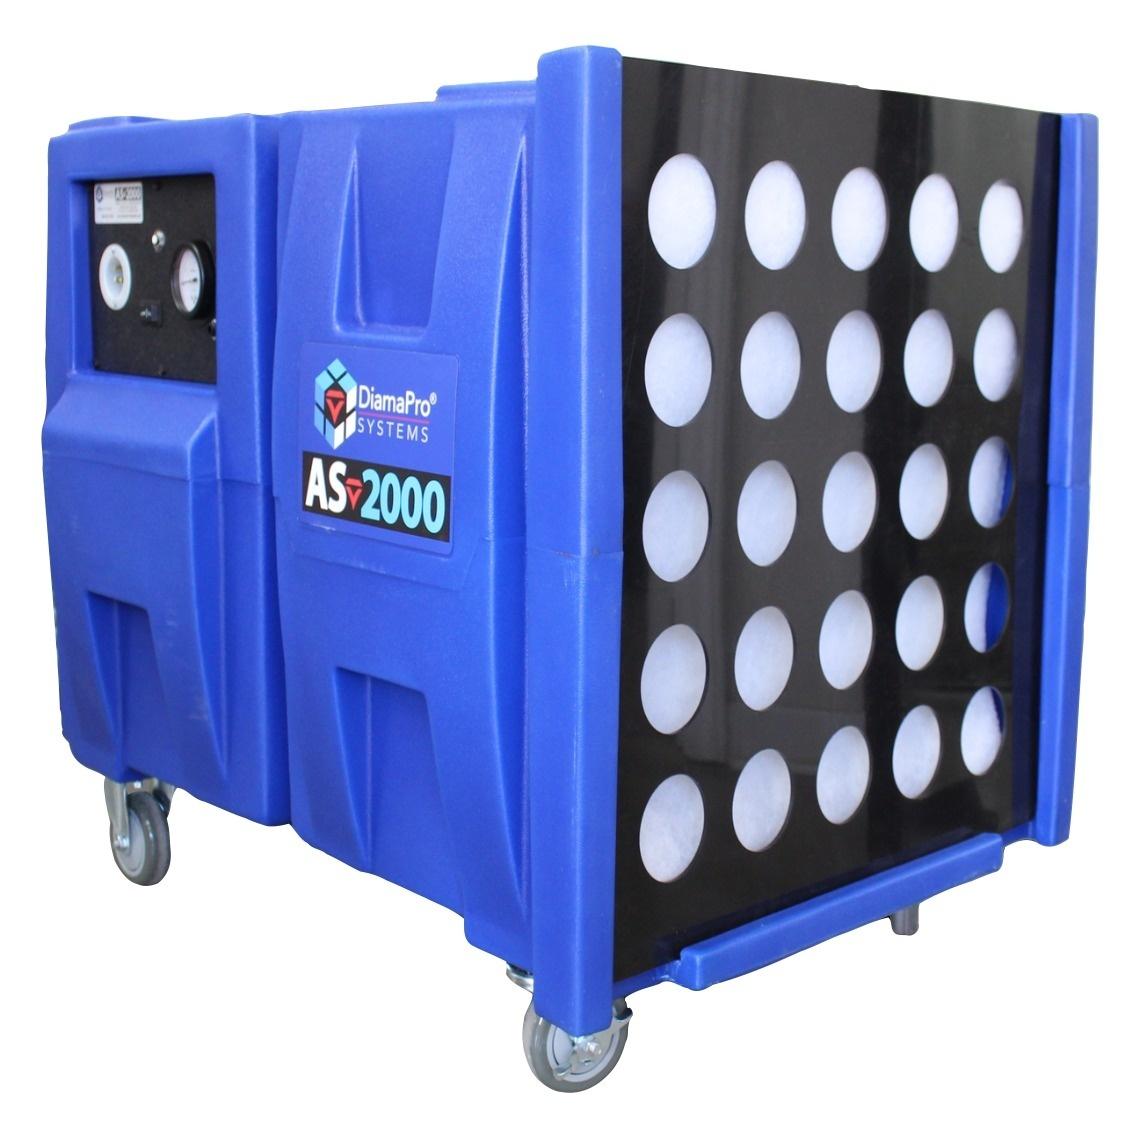 air-scrubber-2000_drop-shadow_.jpg